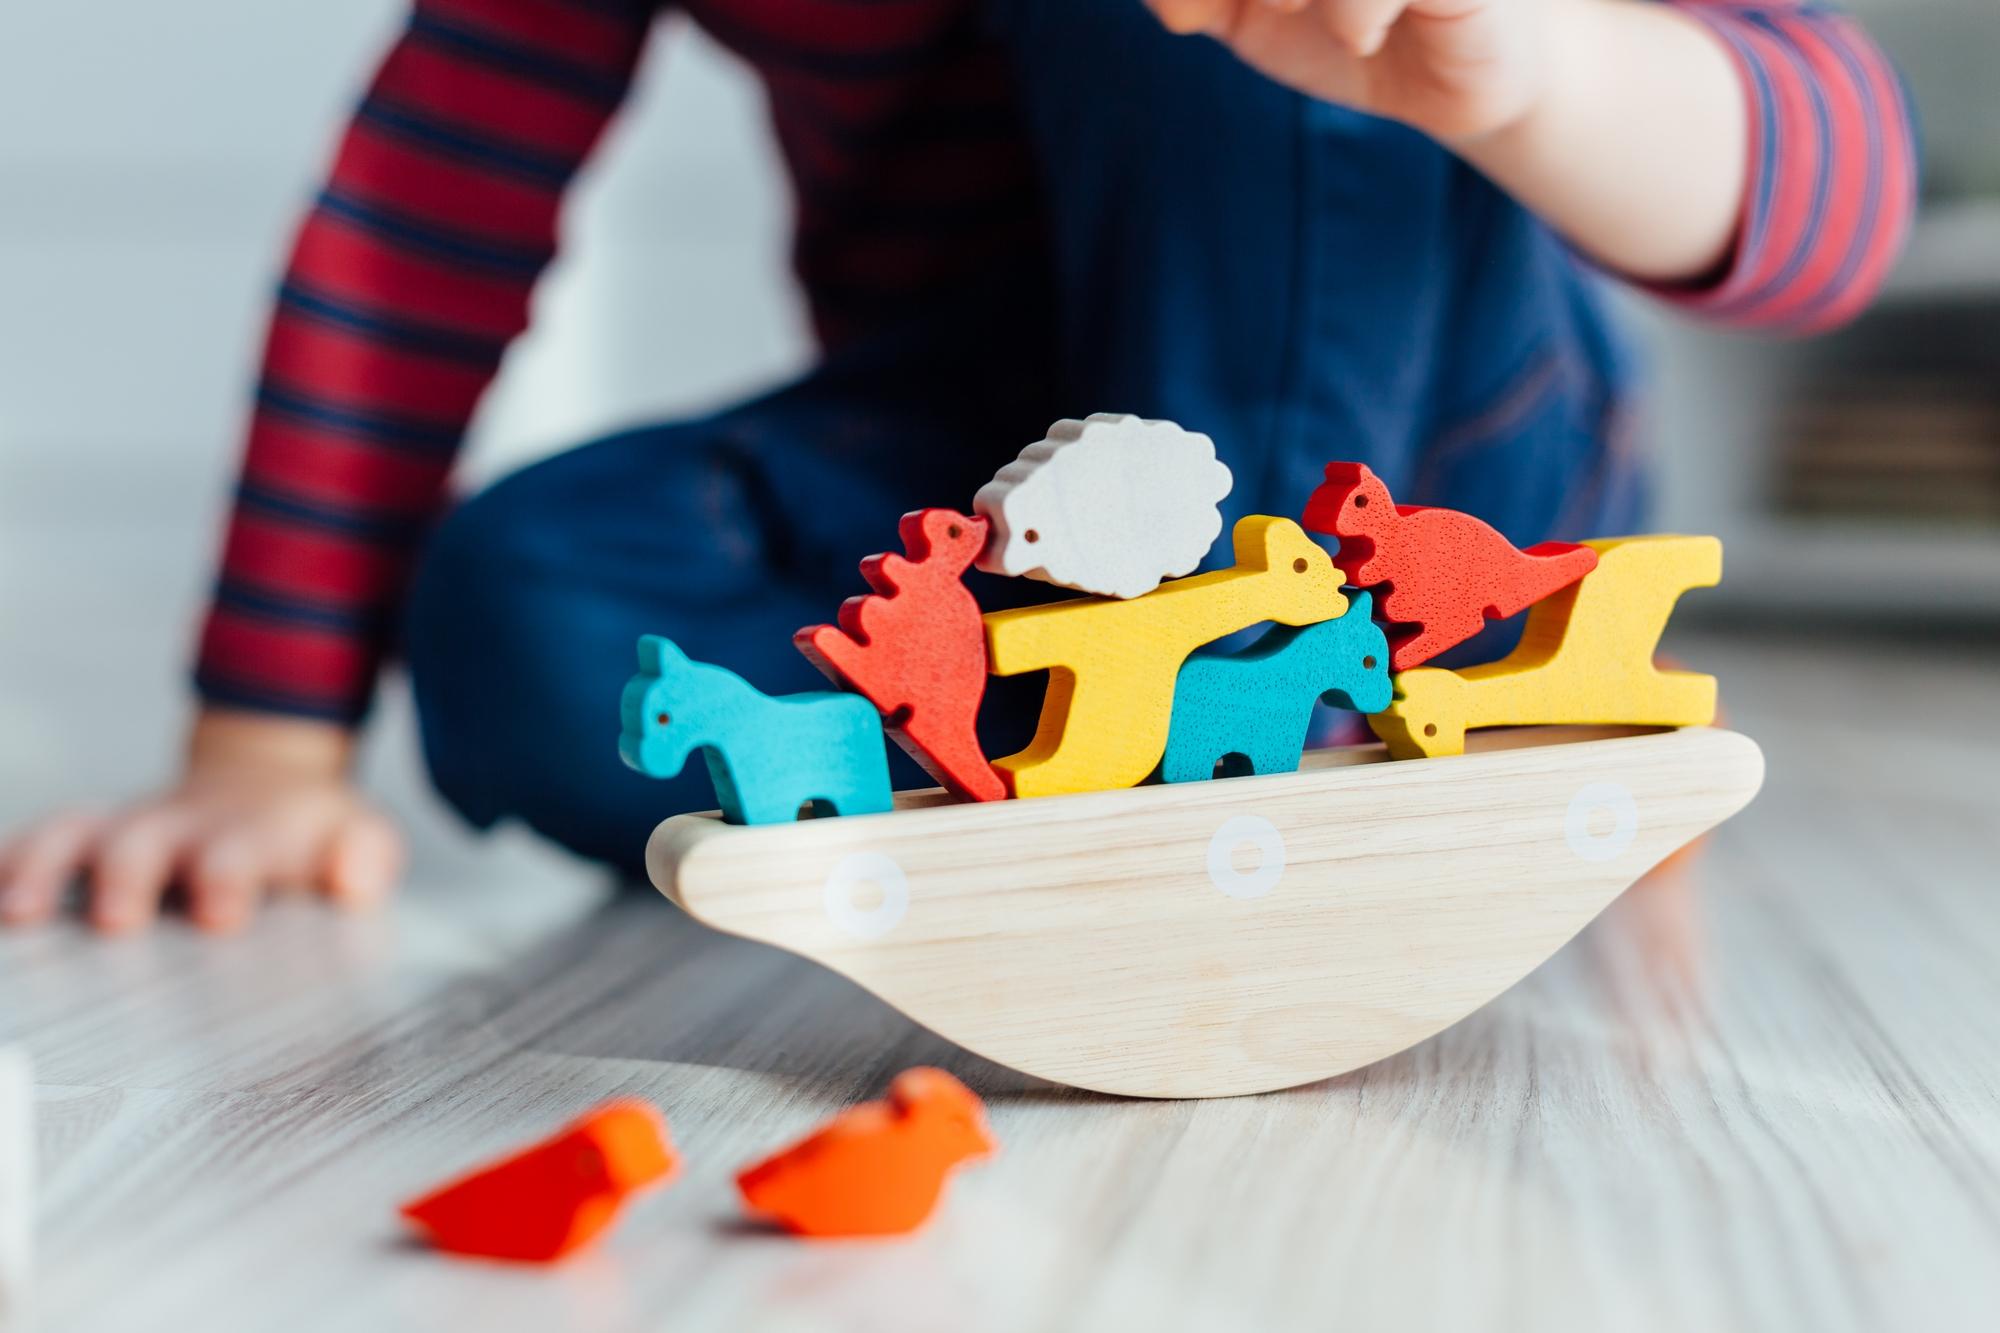 Przegląd drewnianych zabawek dla maluchów – 7 pomysłów na świetny prezent